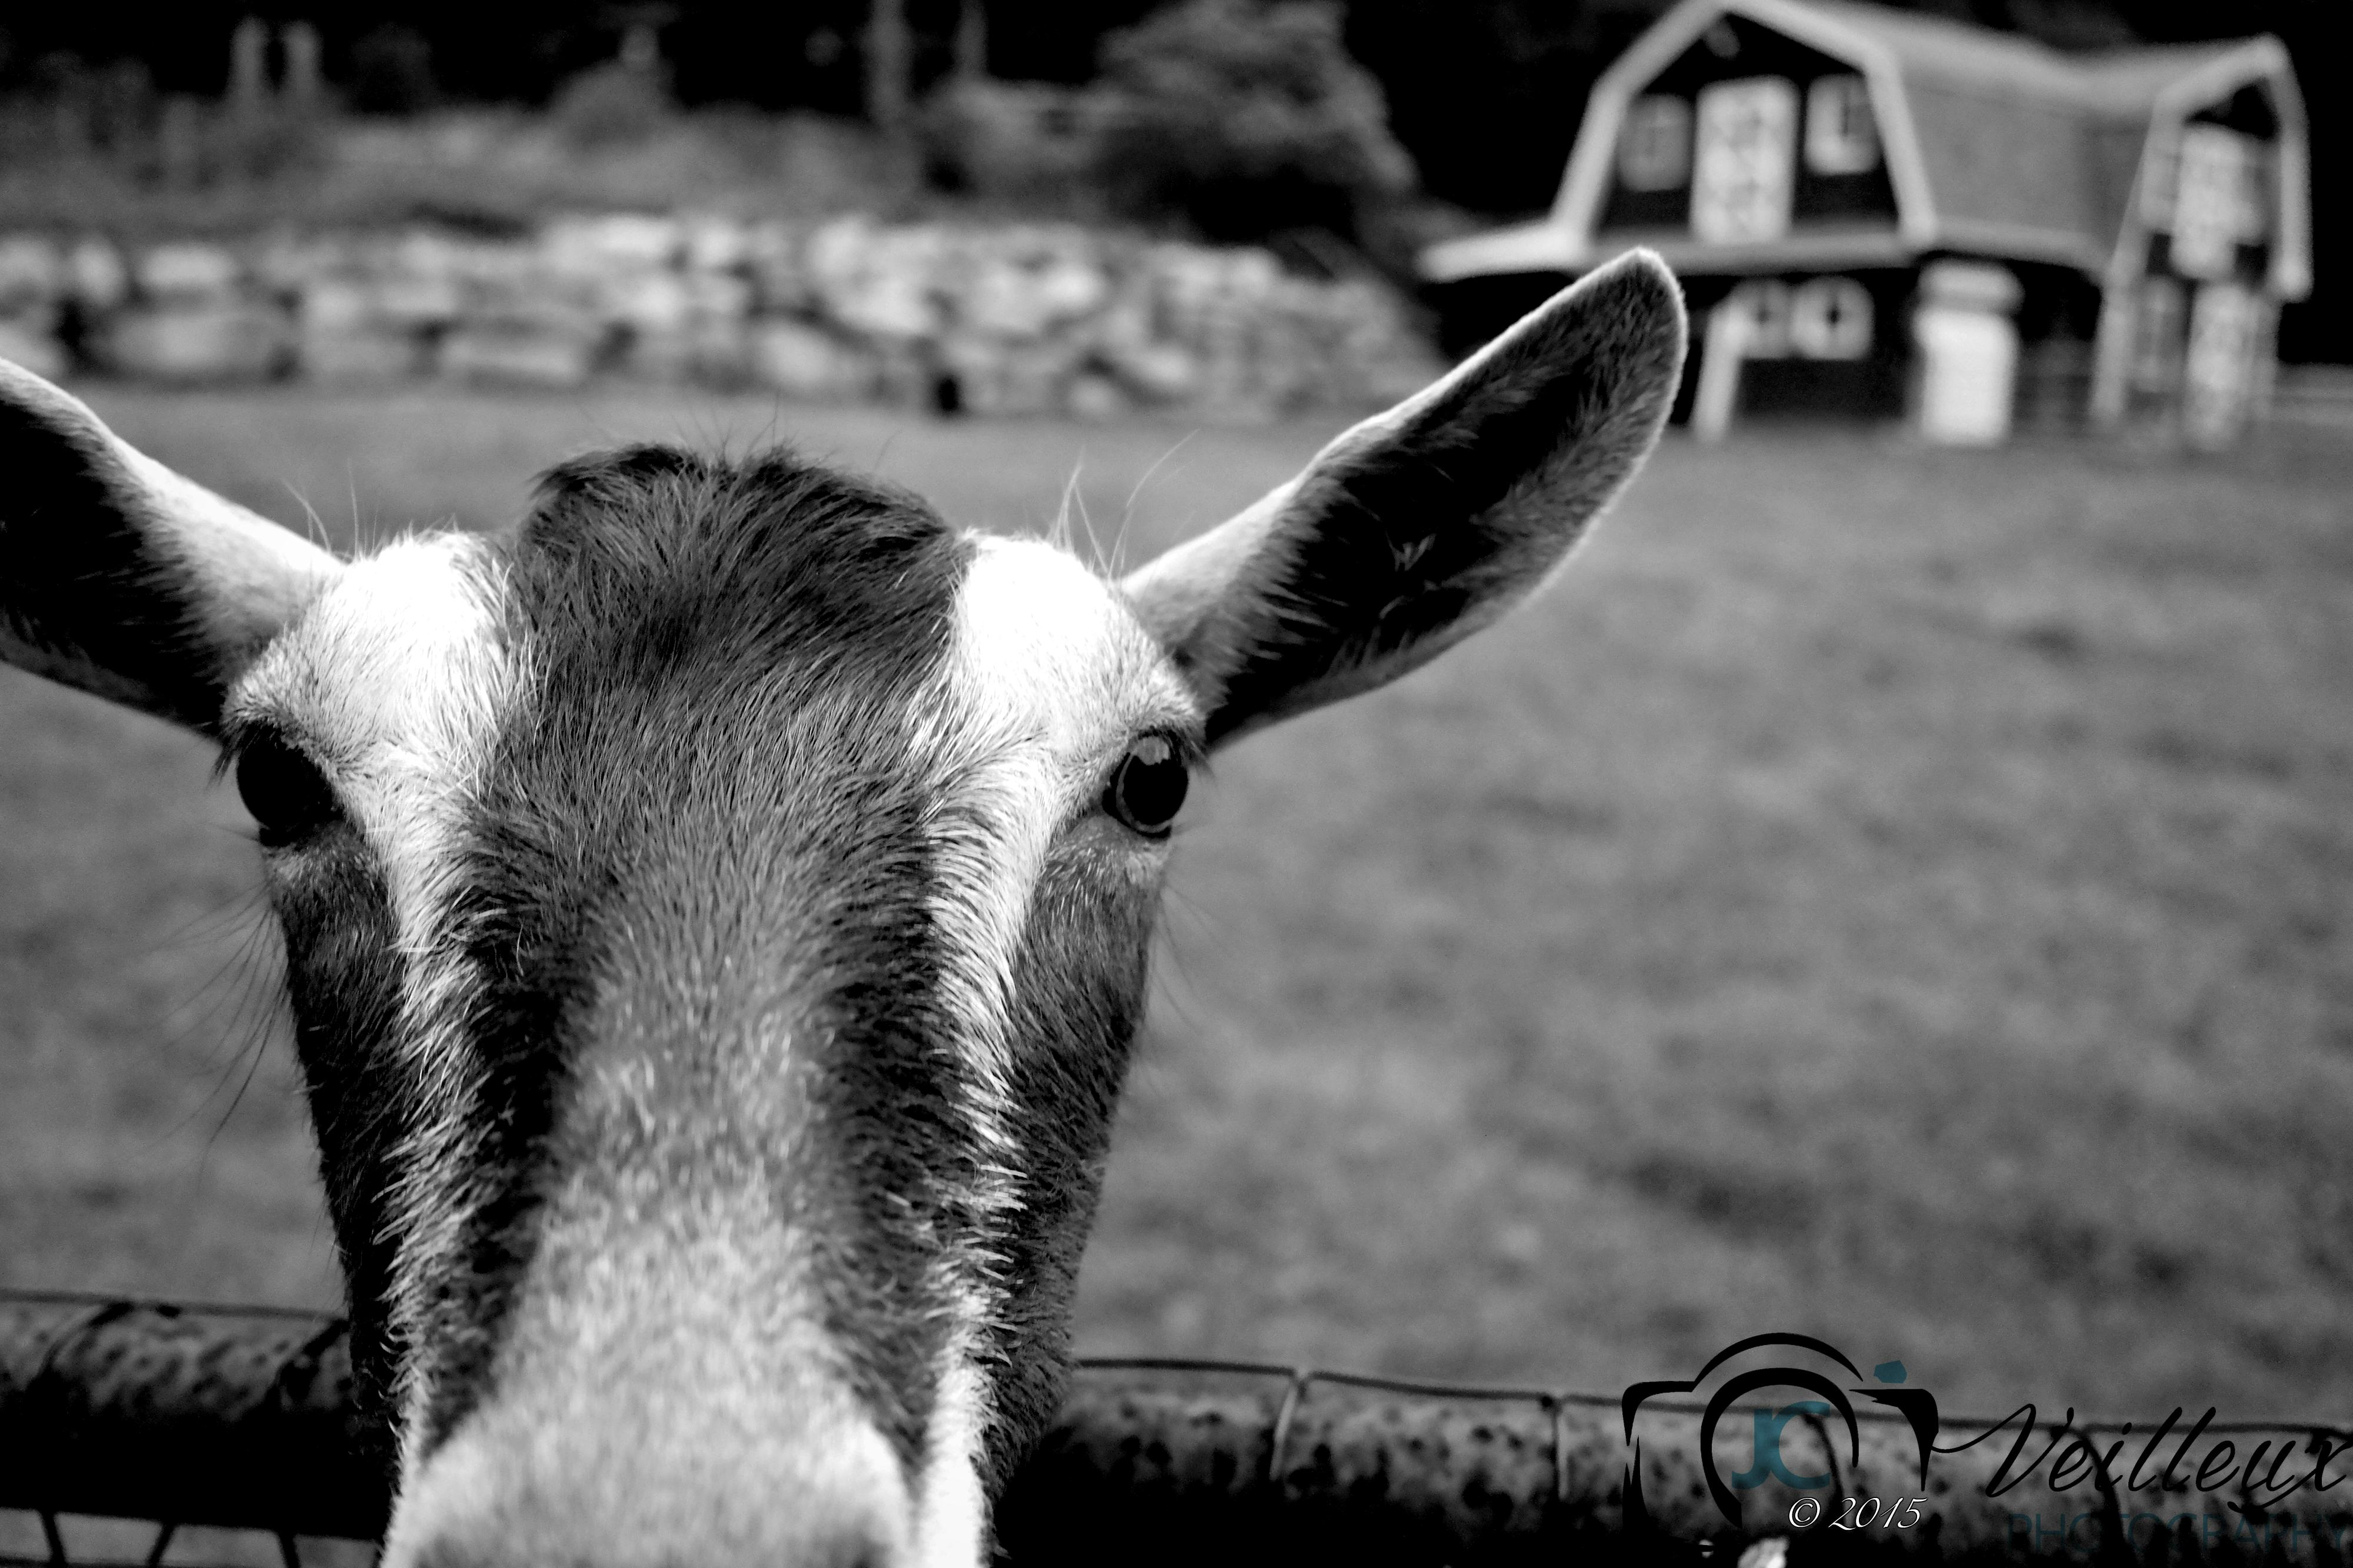 Sarah's Goat No. 2